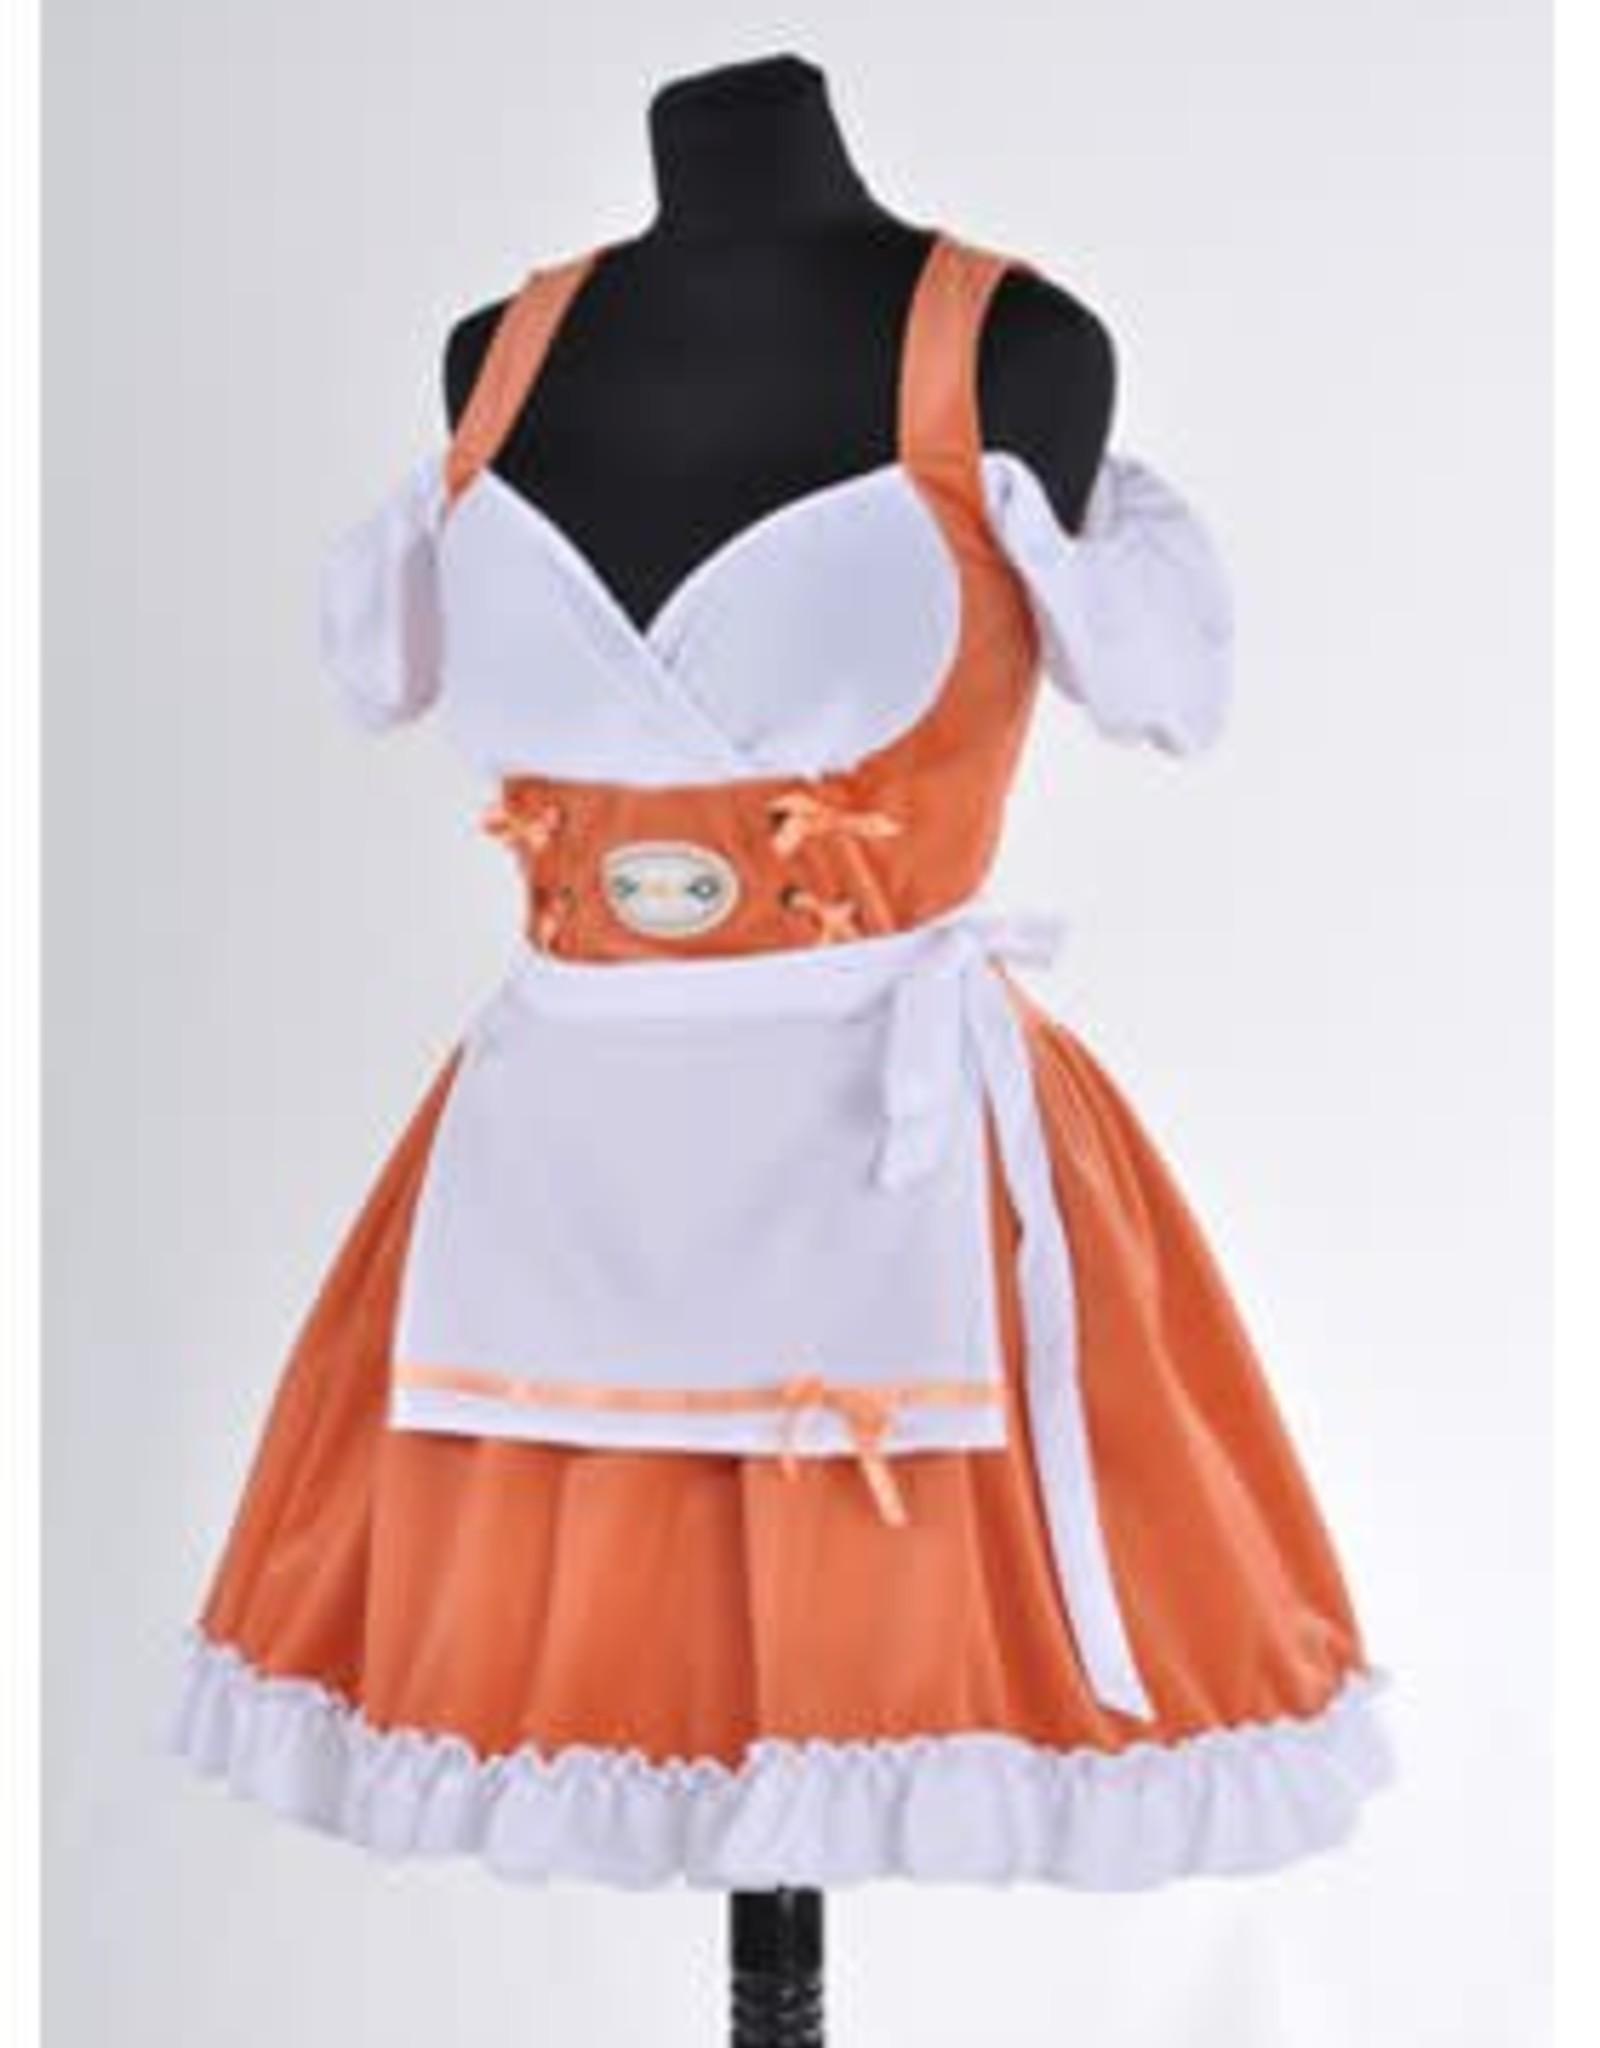 MAGIC tiroler kleedje huurprijs 15